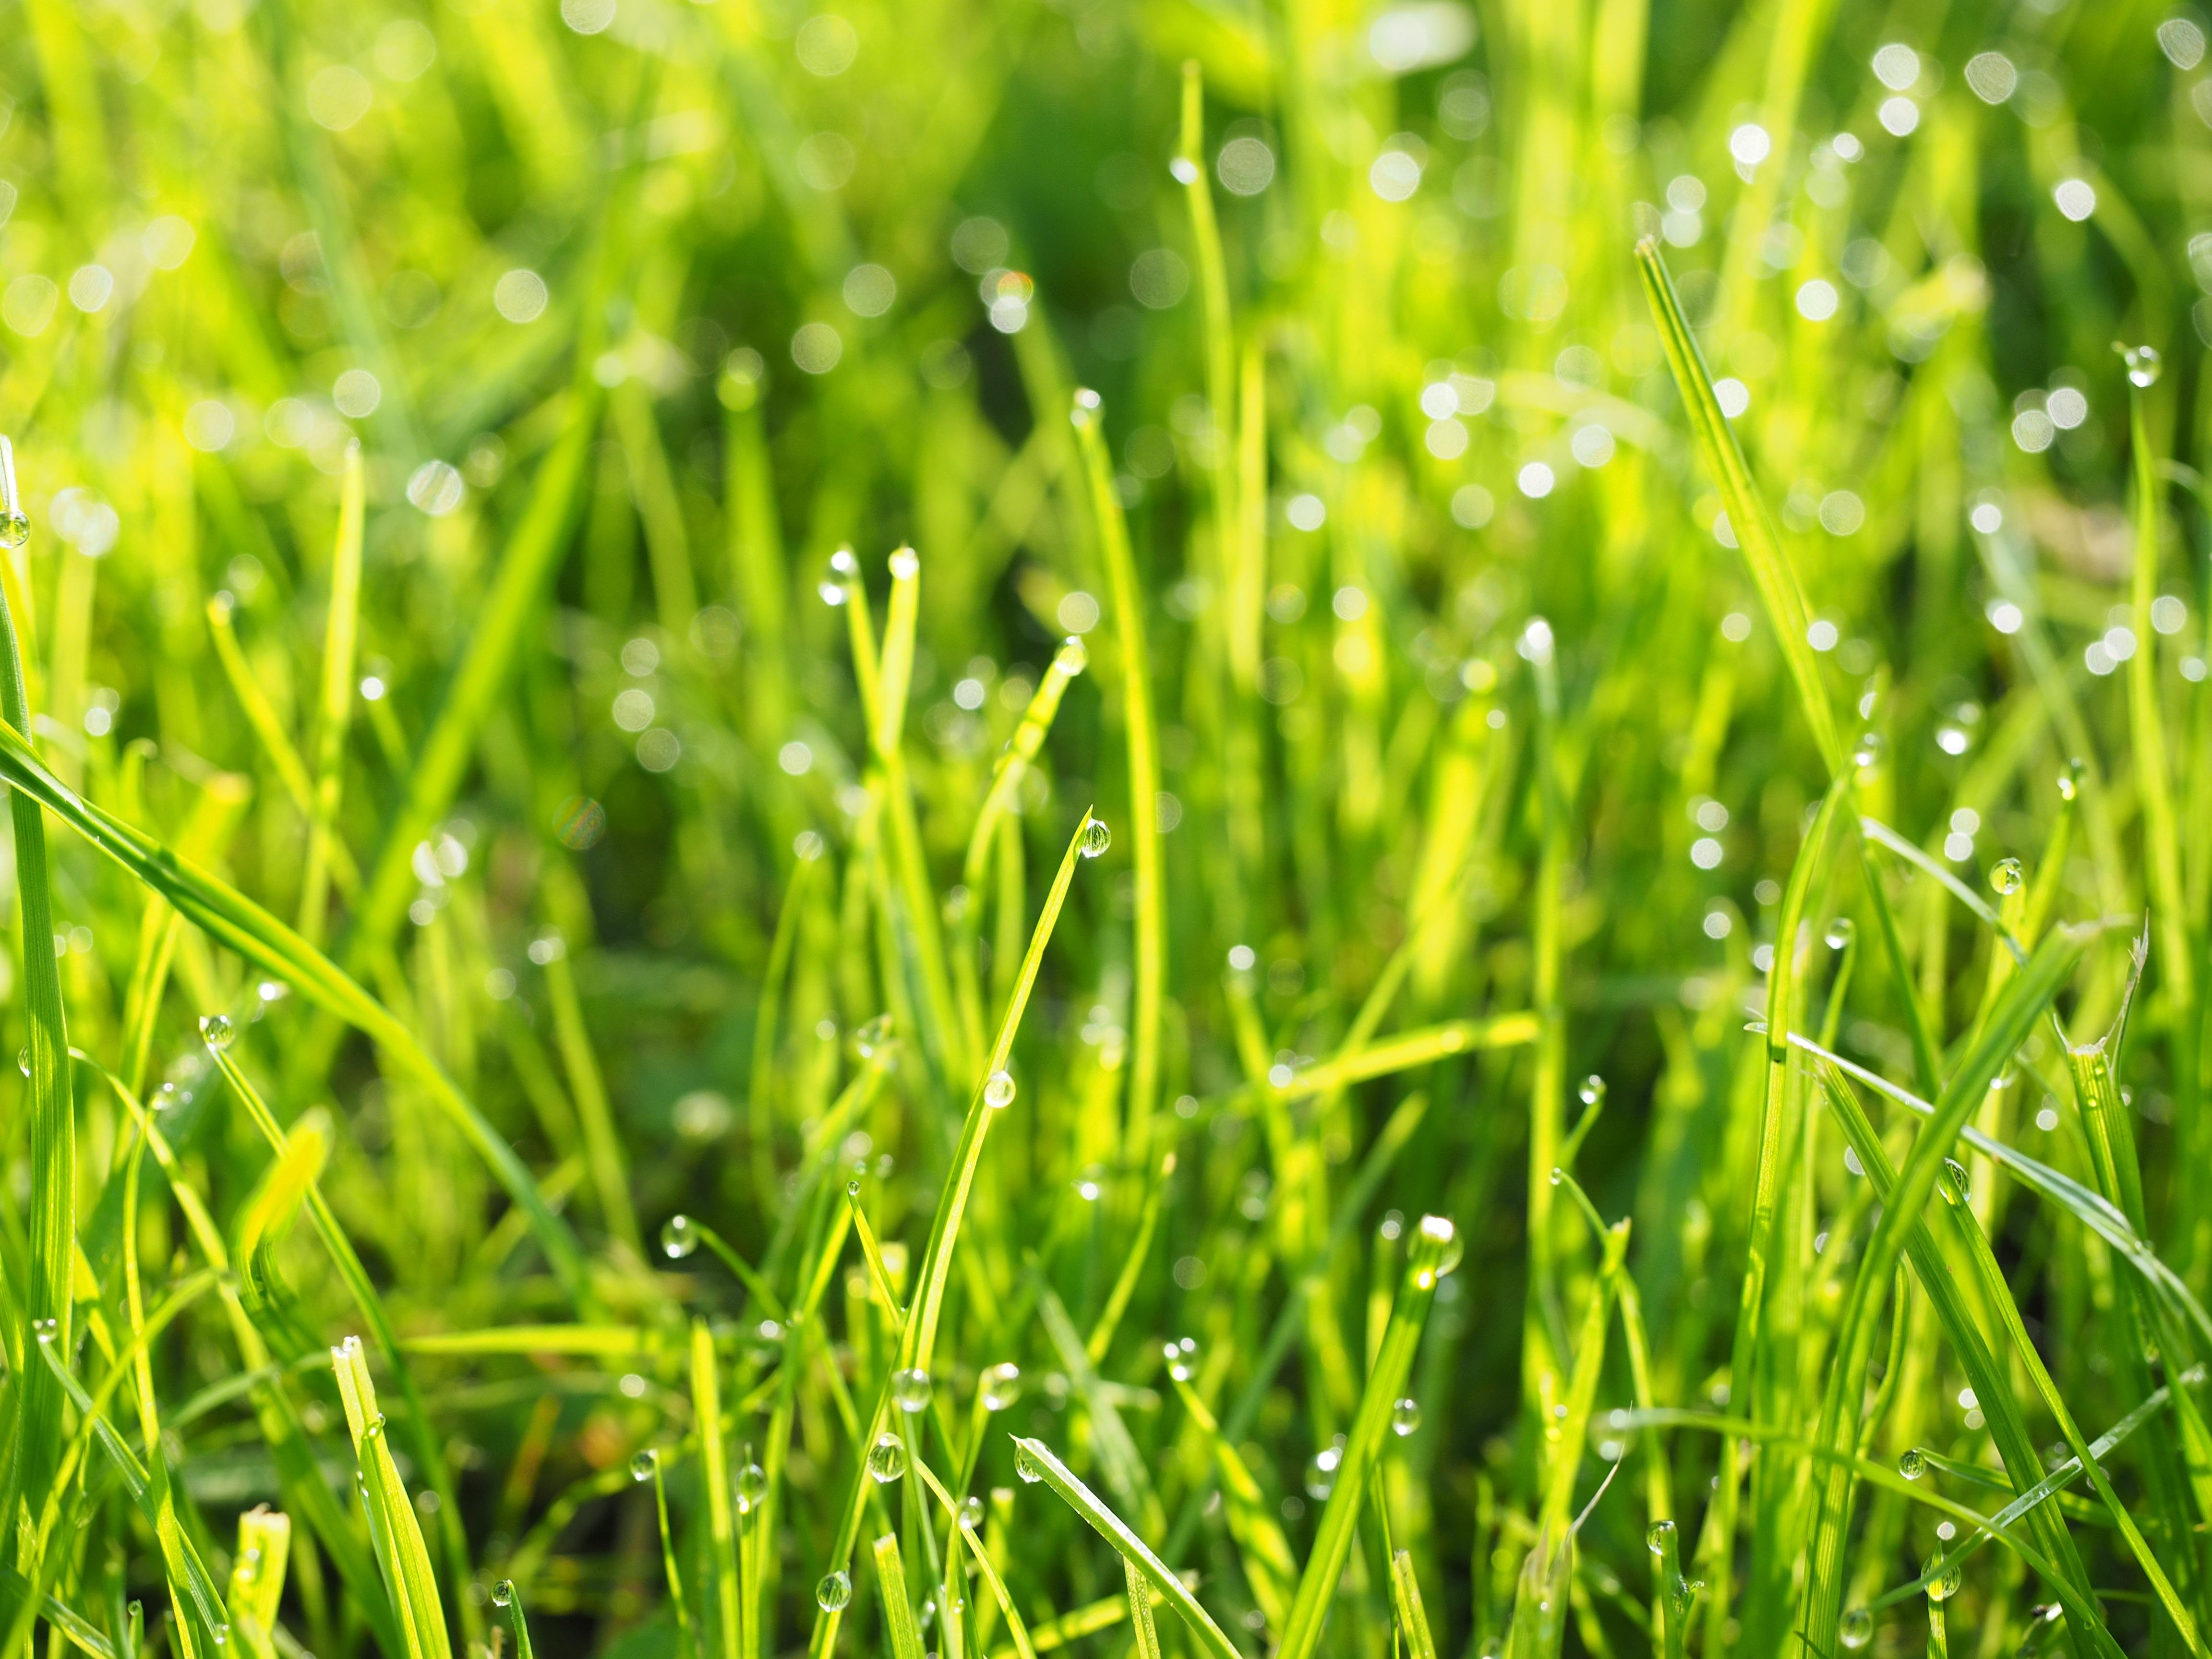 разложить картинки трава с росинкой ней как танцовщице